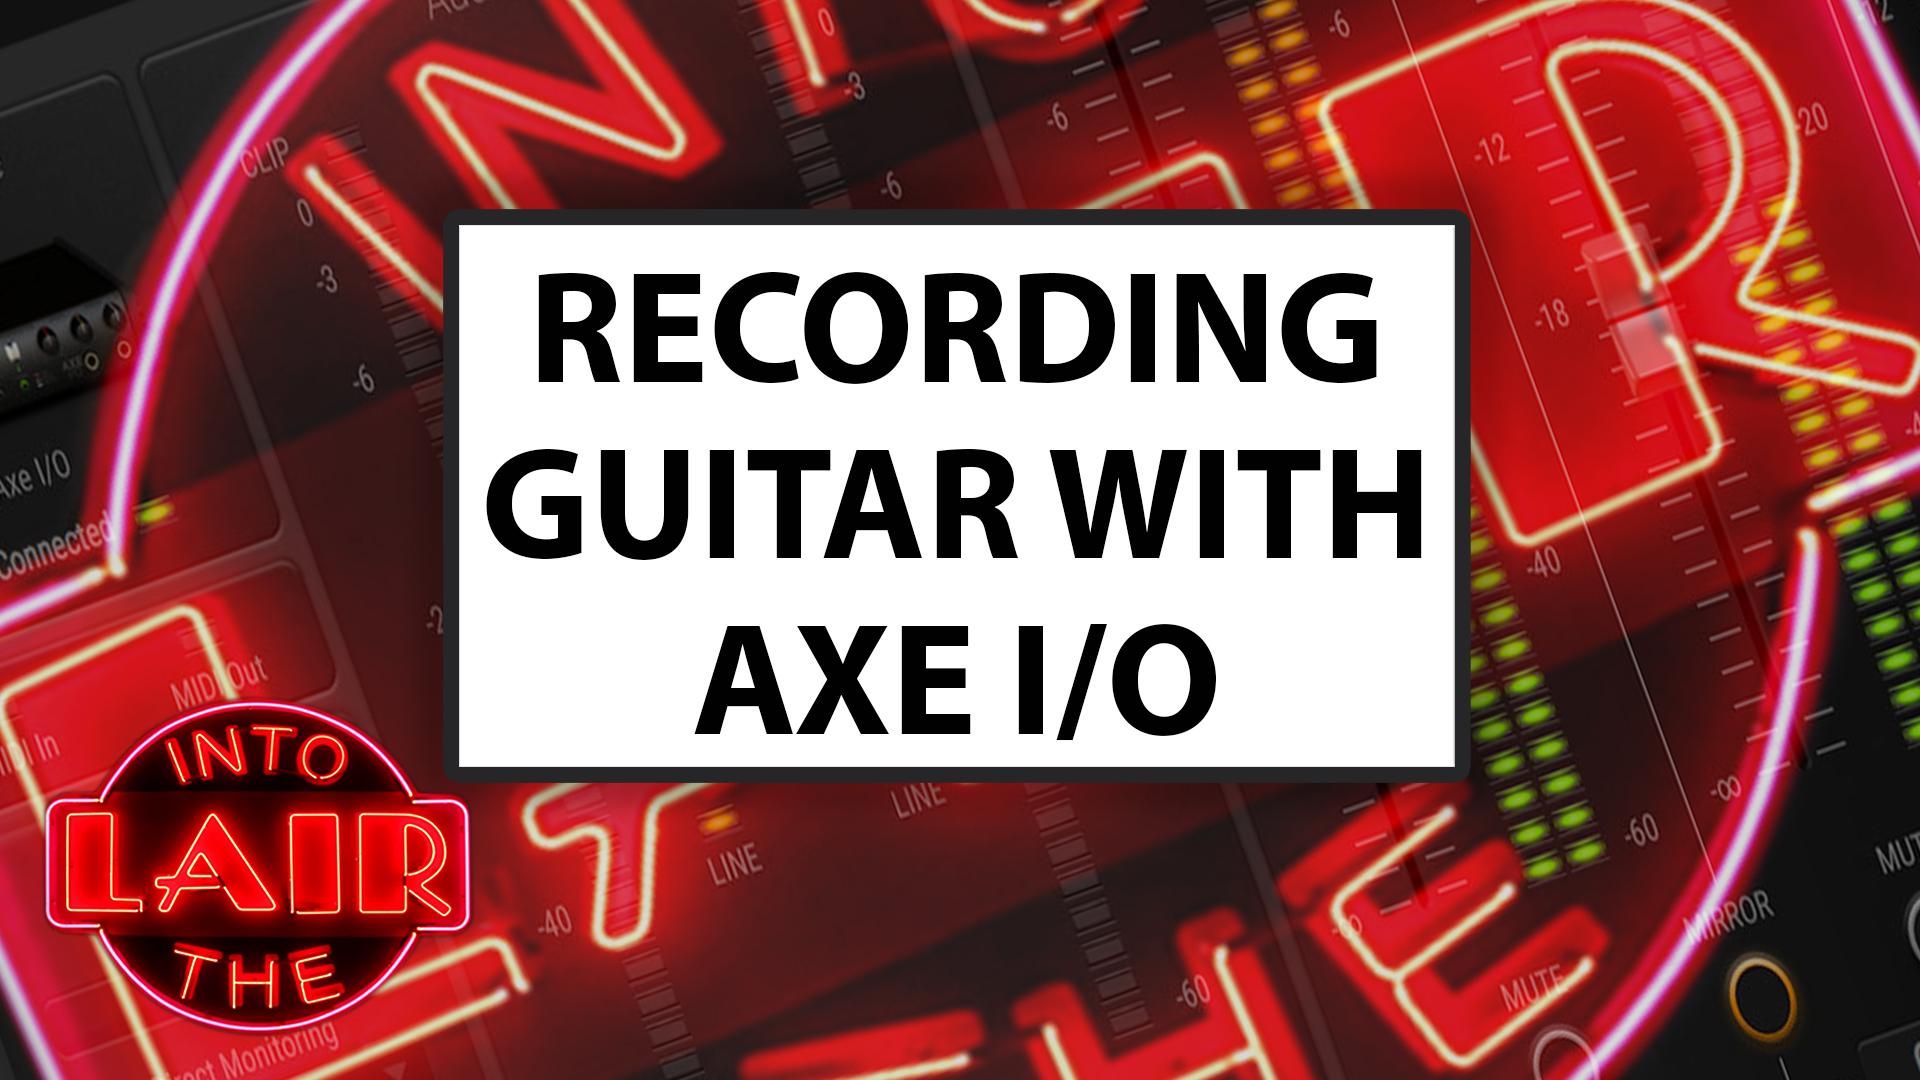 Recording Guitar with AXE I/O